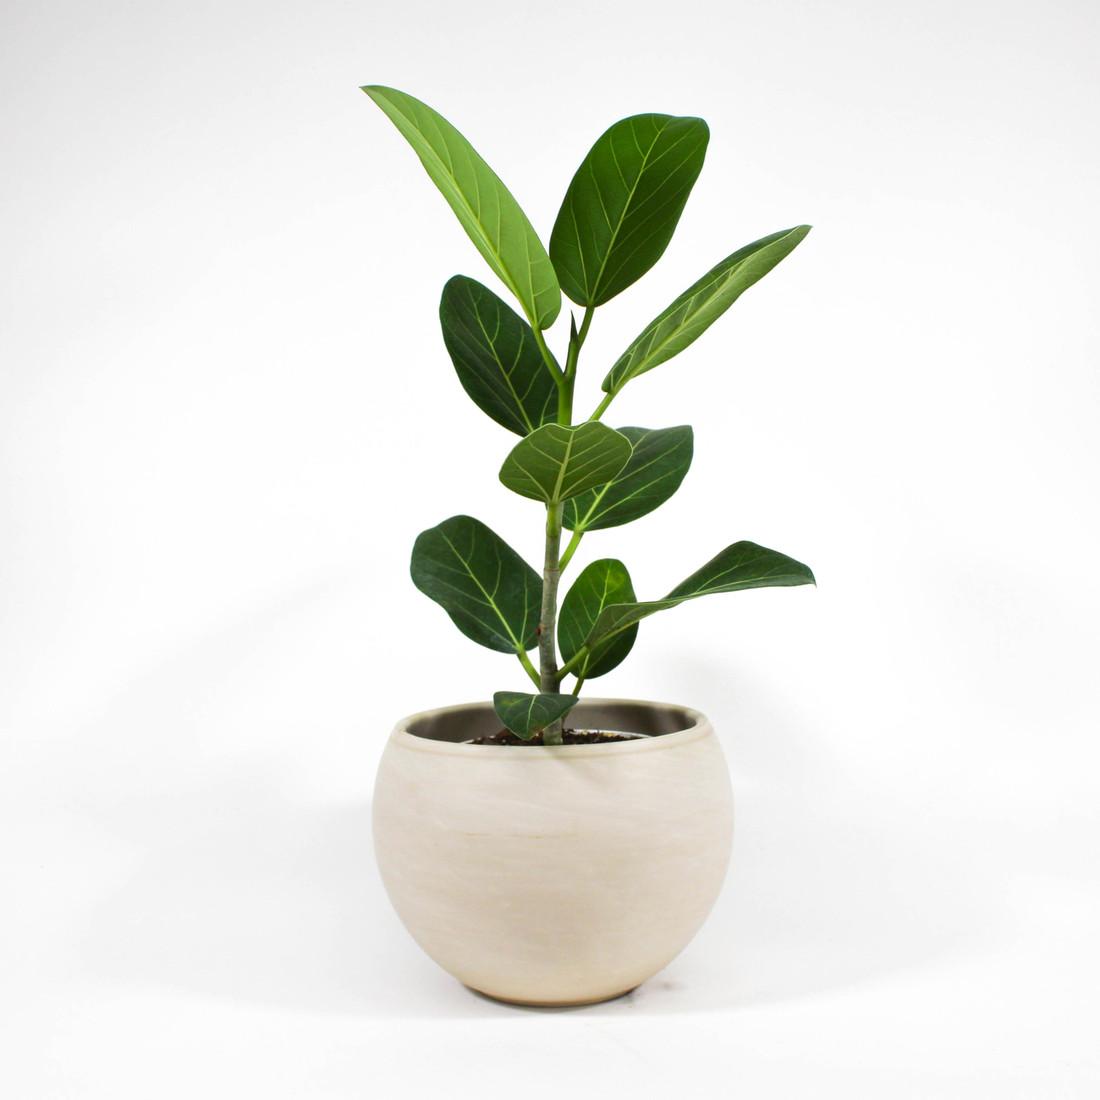 Ficus Altissima in ceramic pot